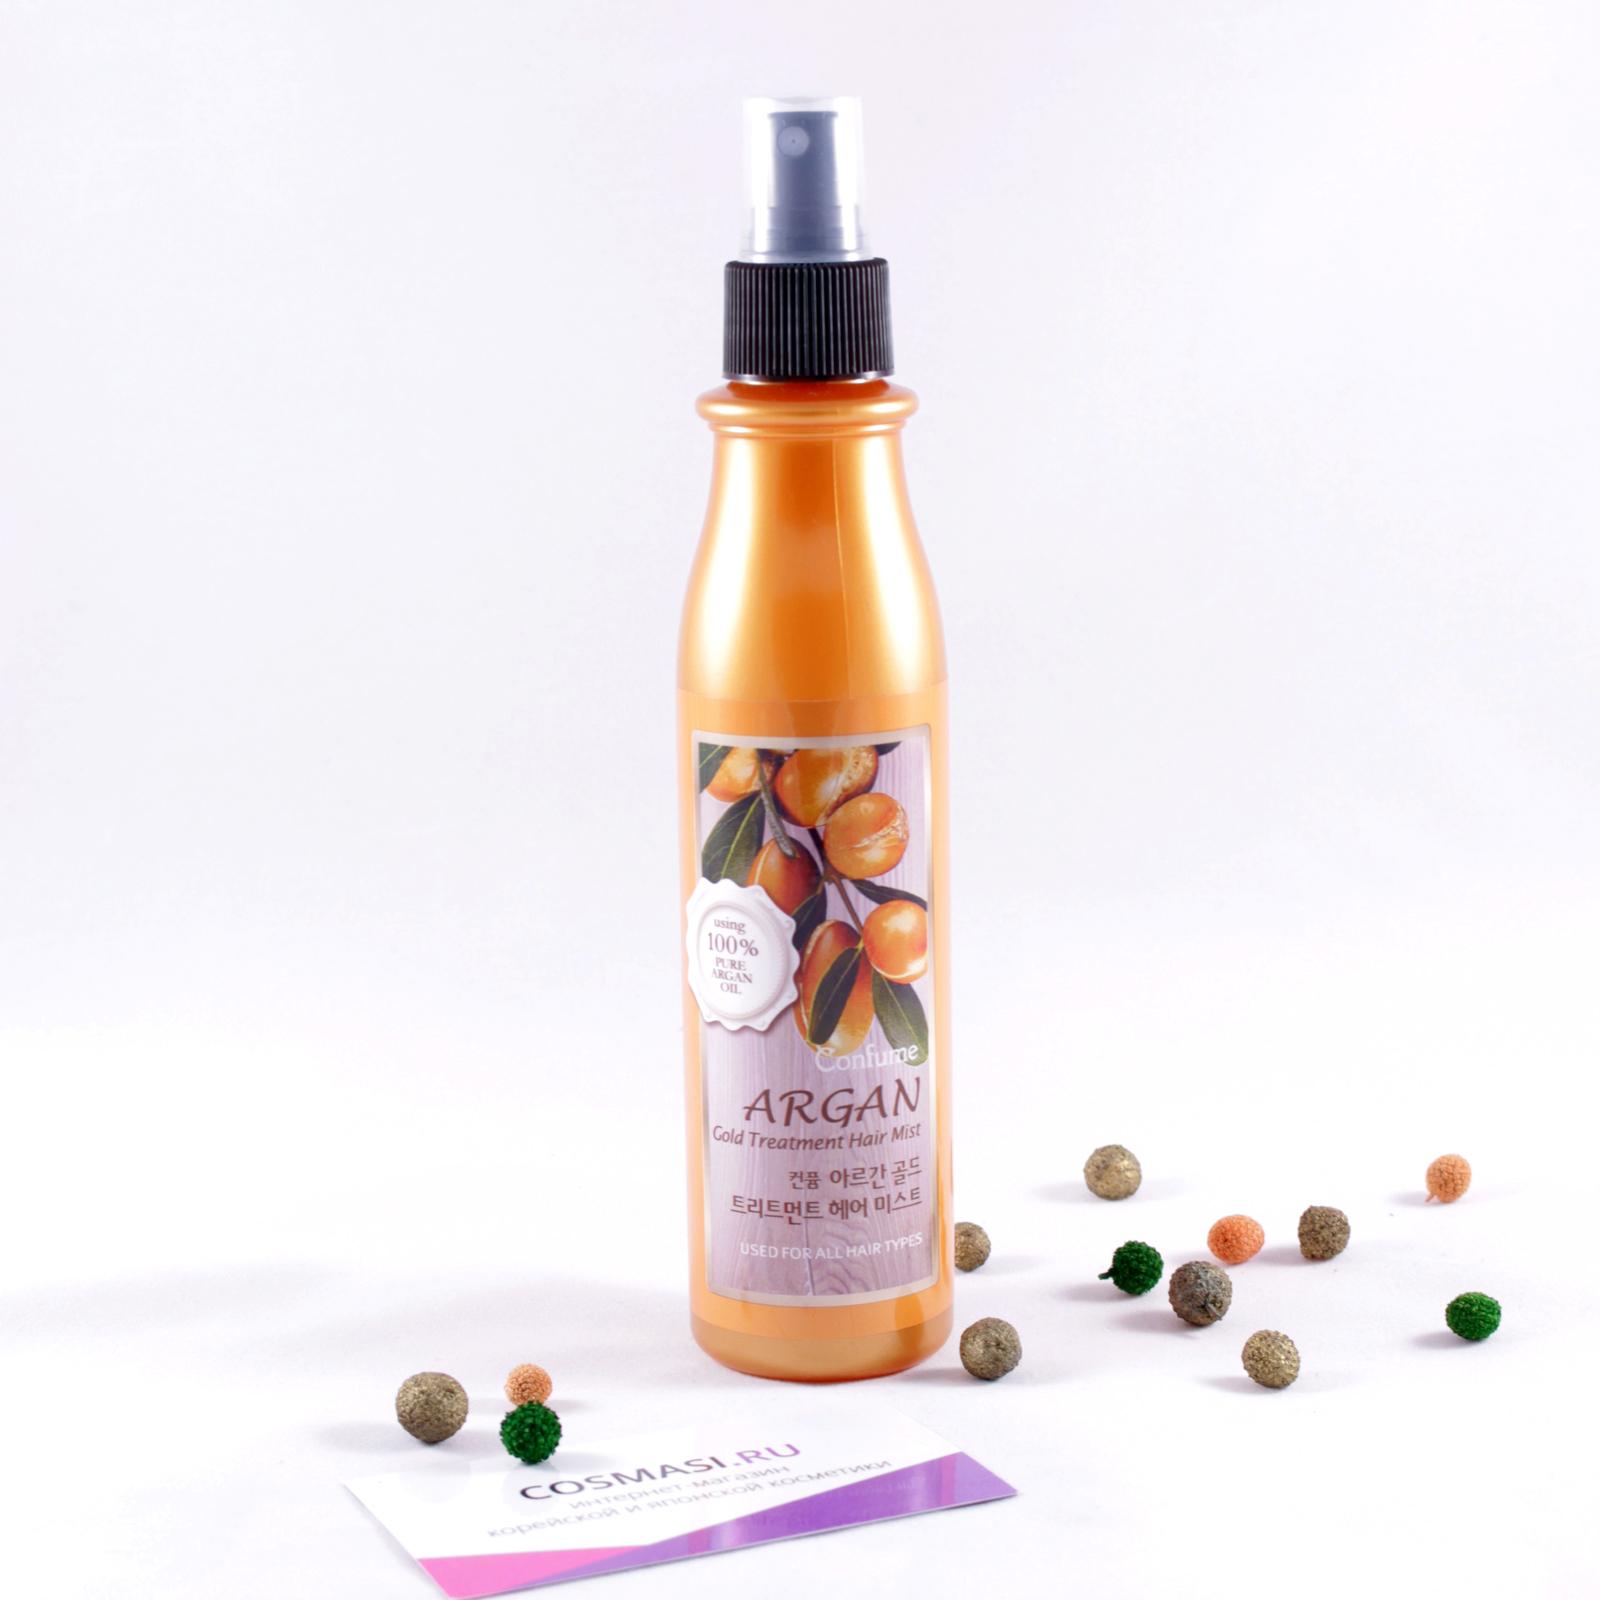 gold cпрей для сияния  укрепления волос  welcos confume argan gold cпрей для волос